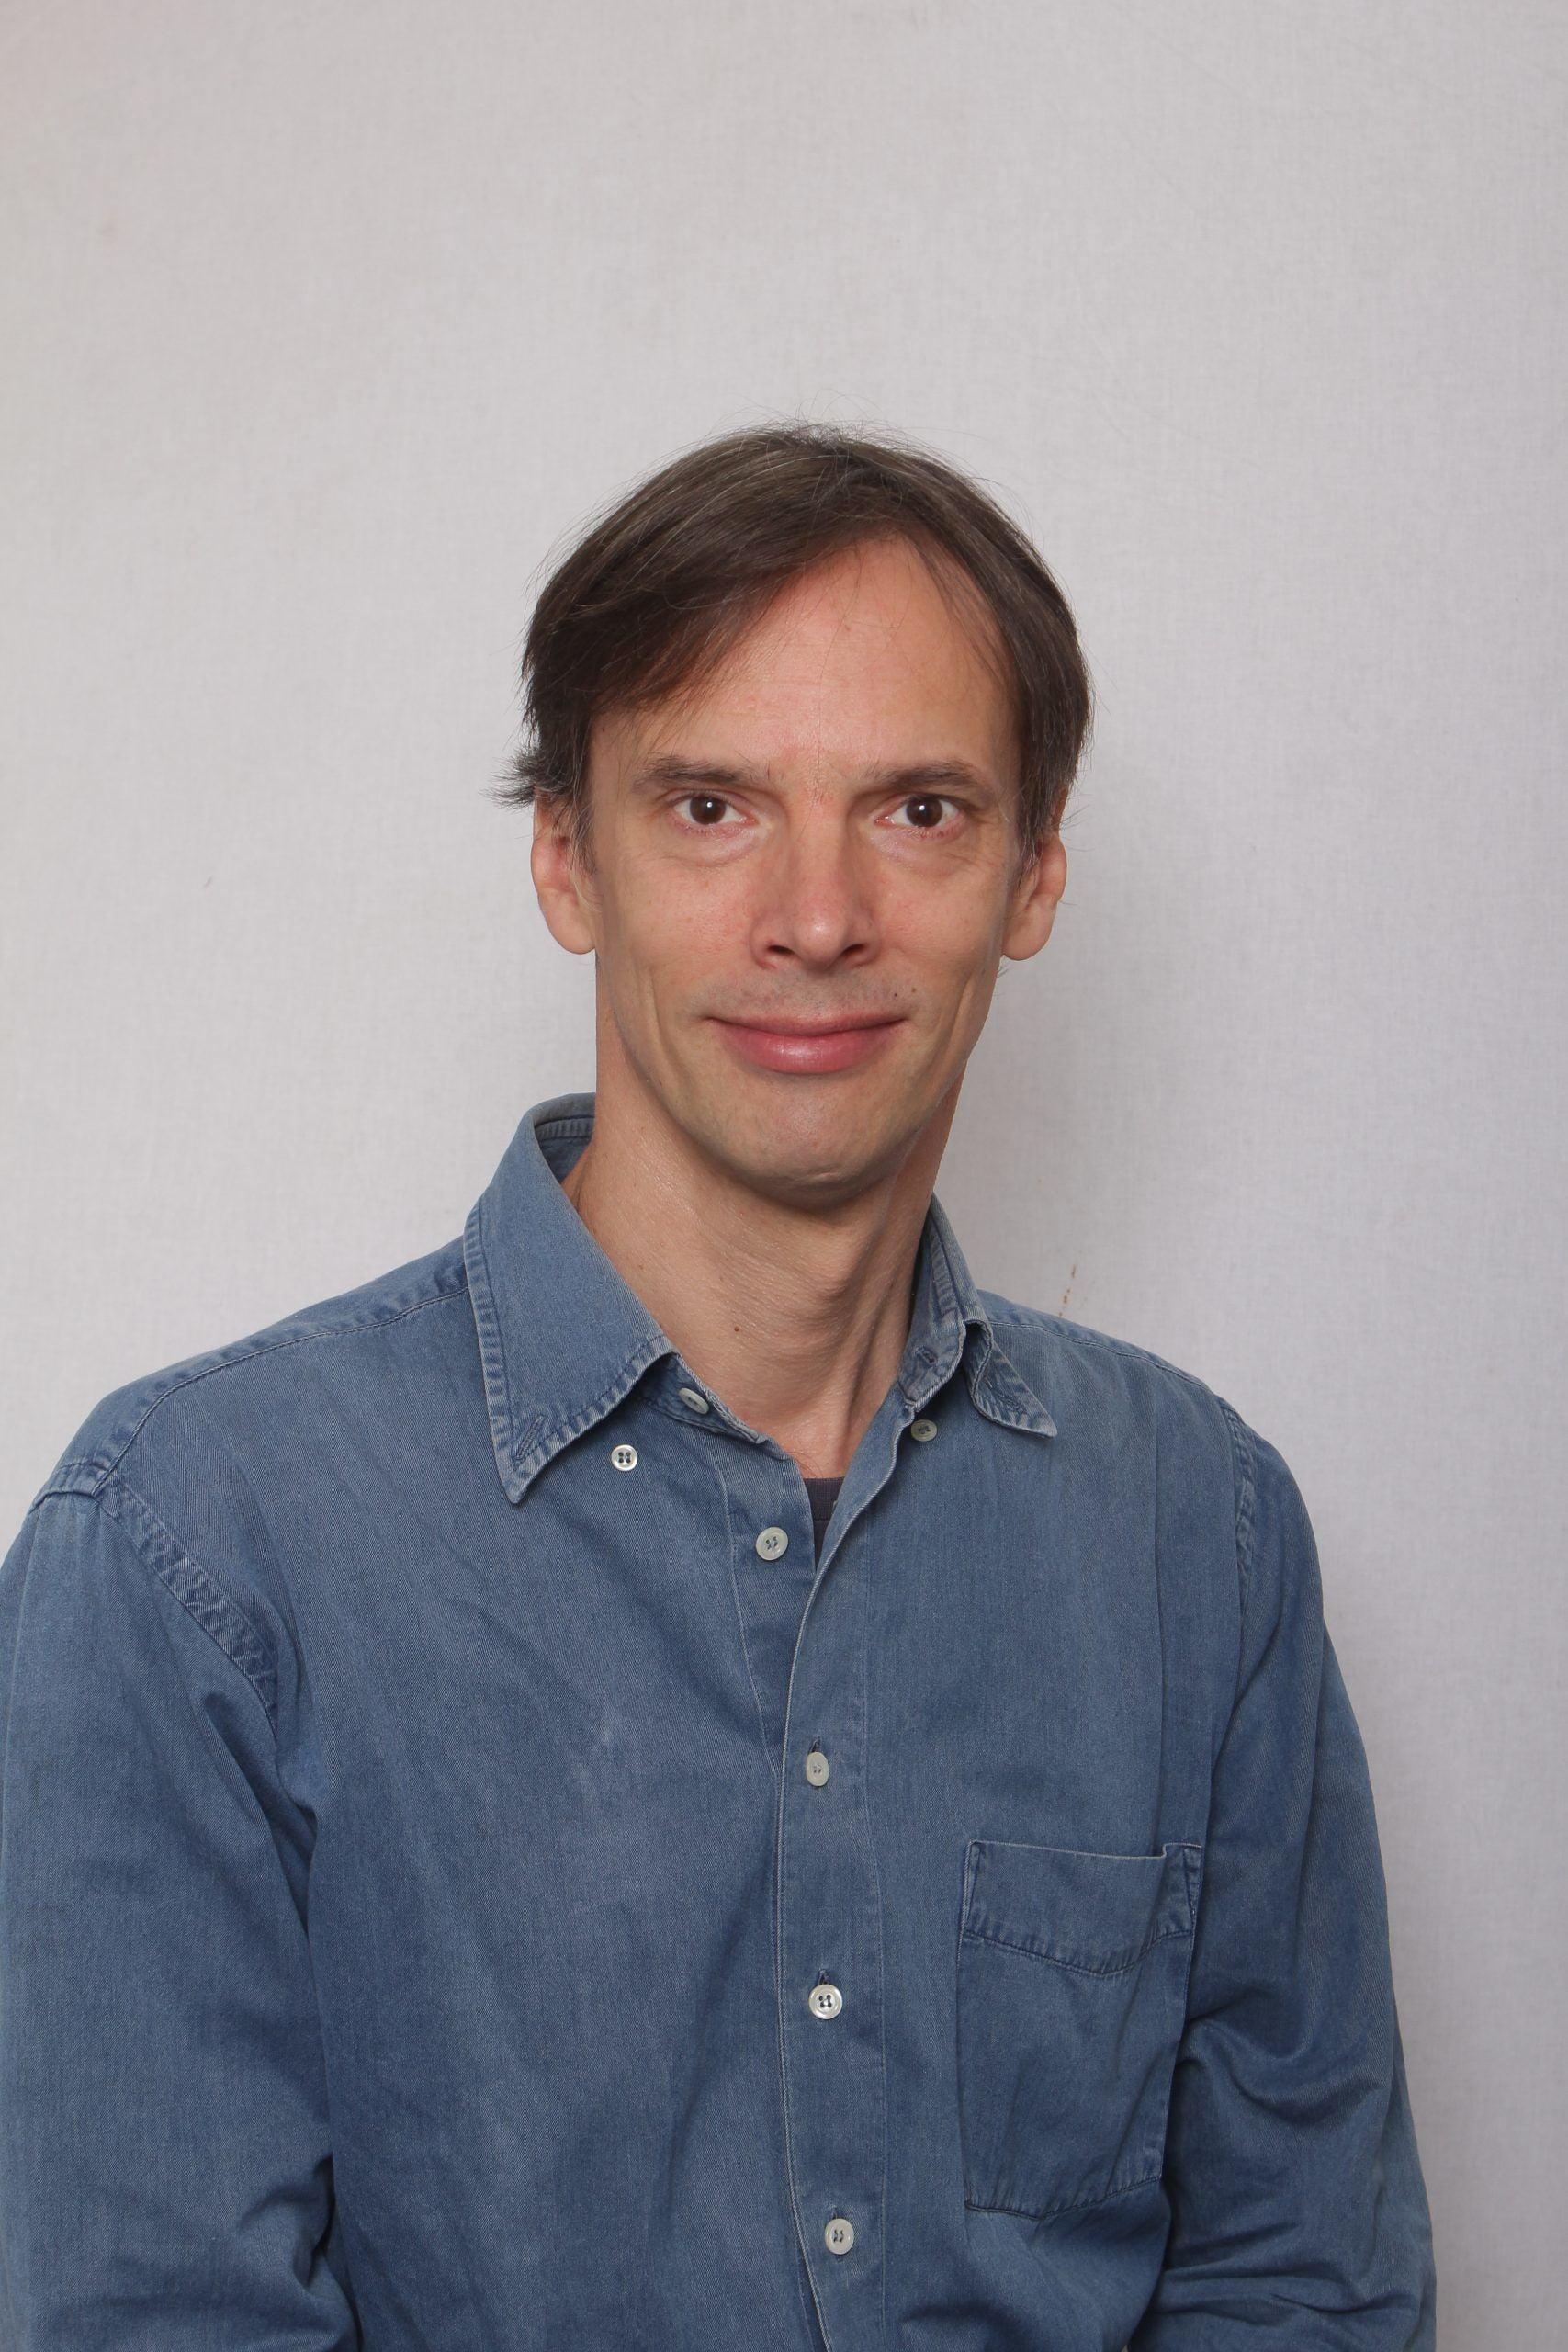 Vitaly Shestakov